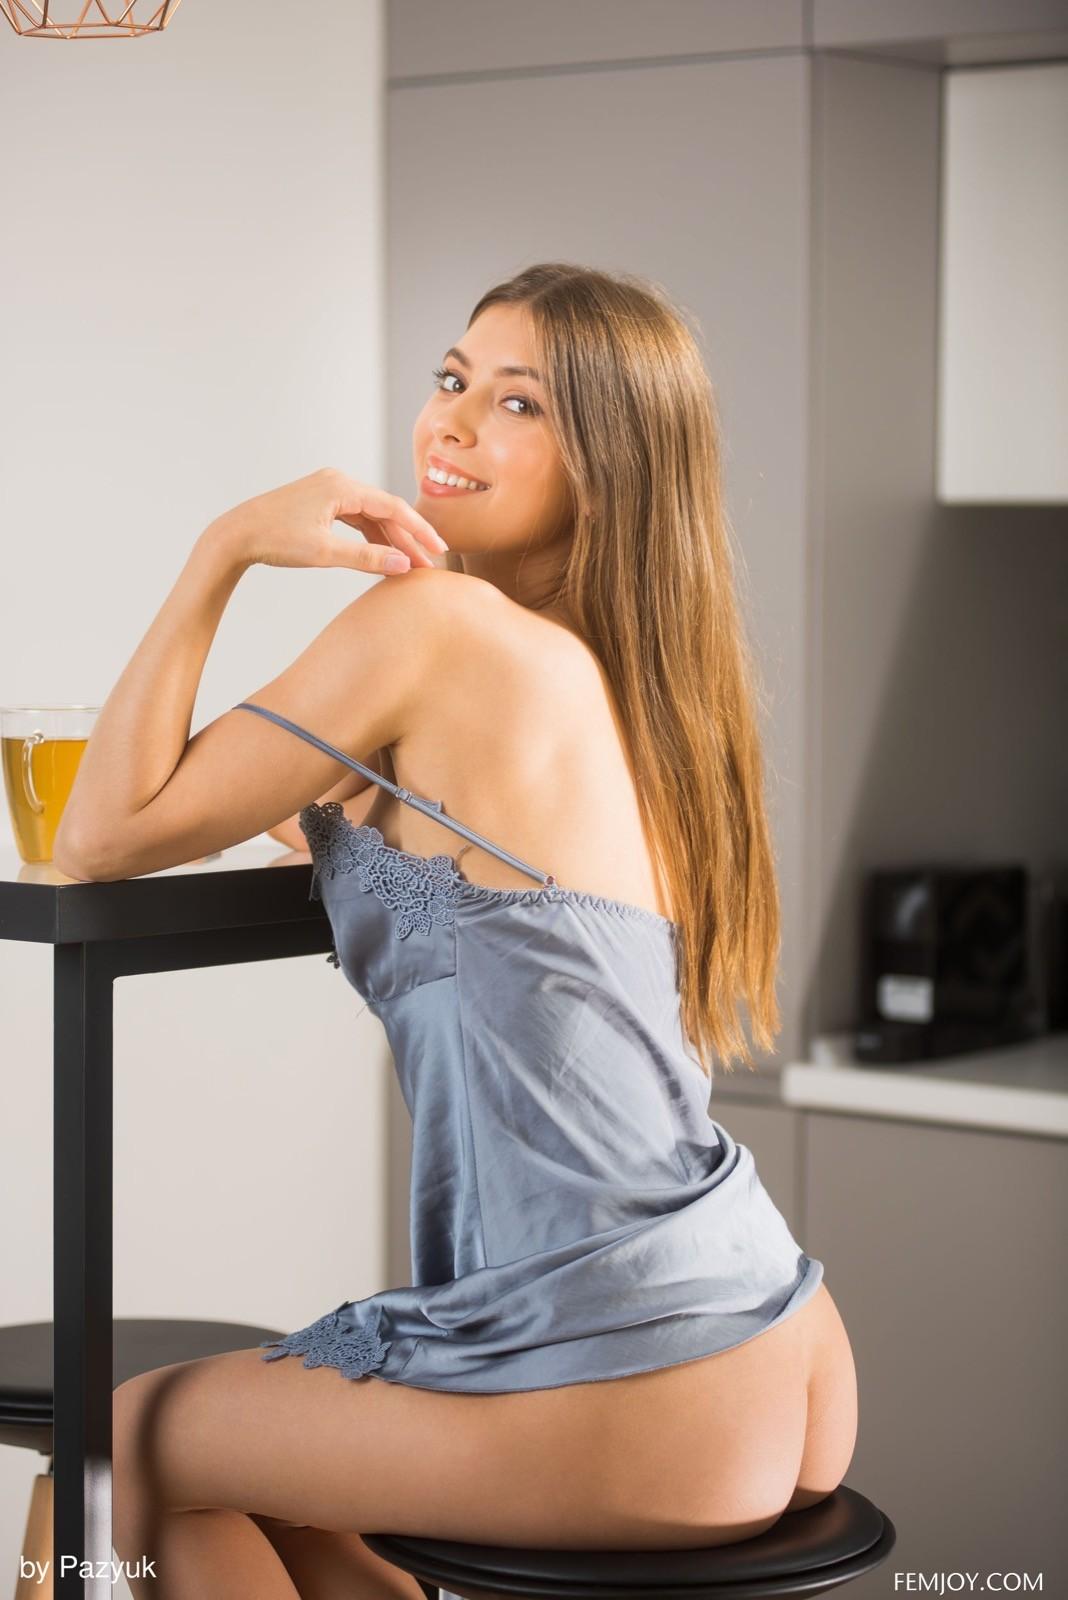 Красивая любовница в пеньюаре на кухне - фото